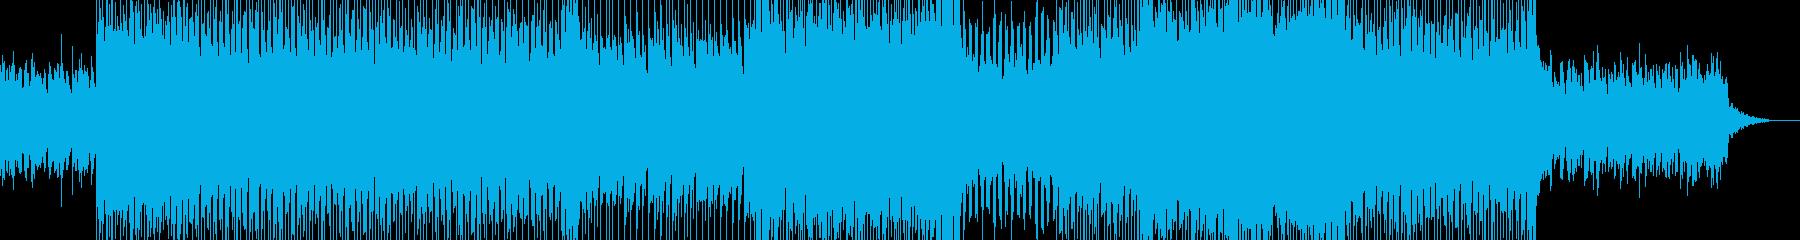 幻想的な中に悲しみと力強さを持つBGMの再生済みの波形